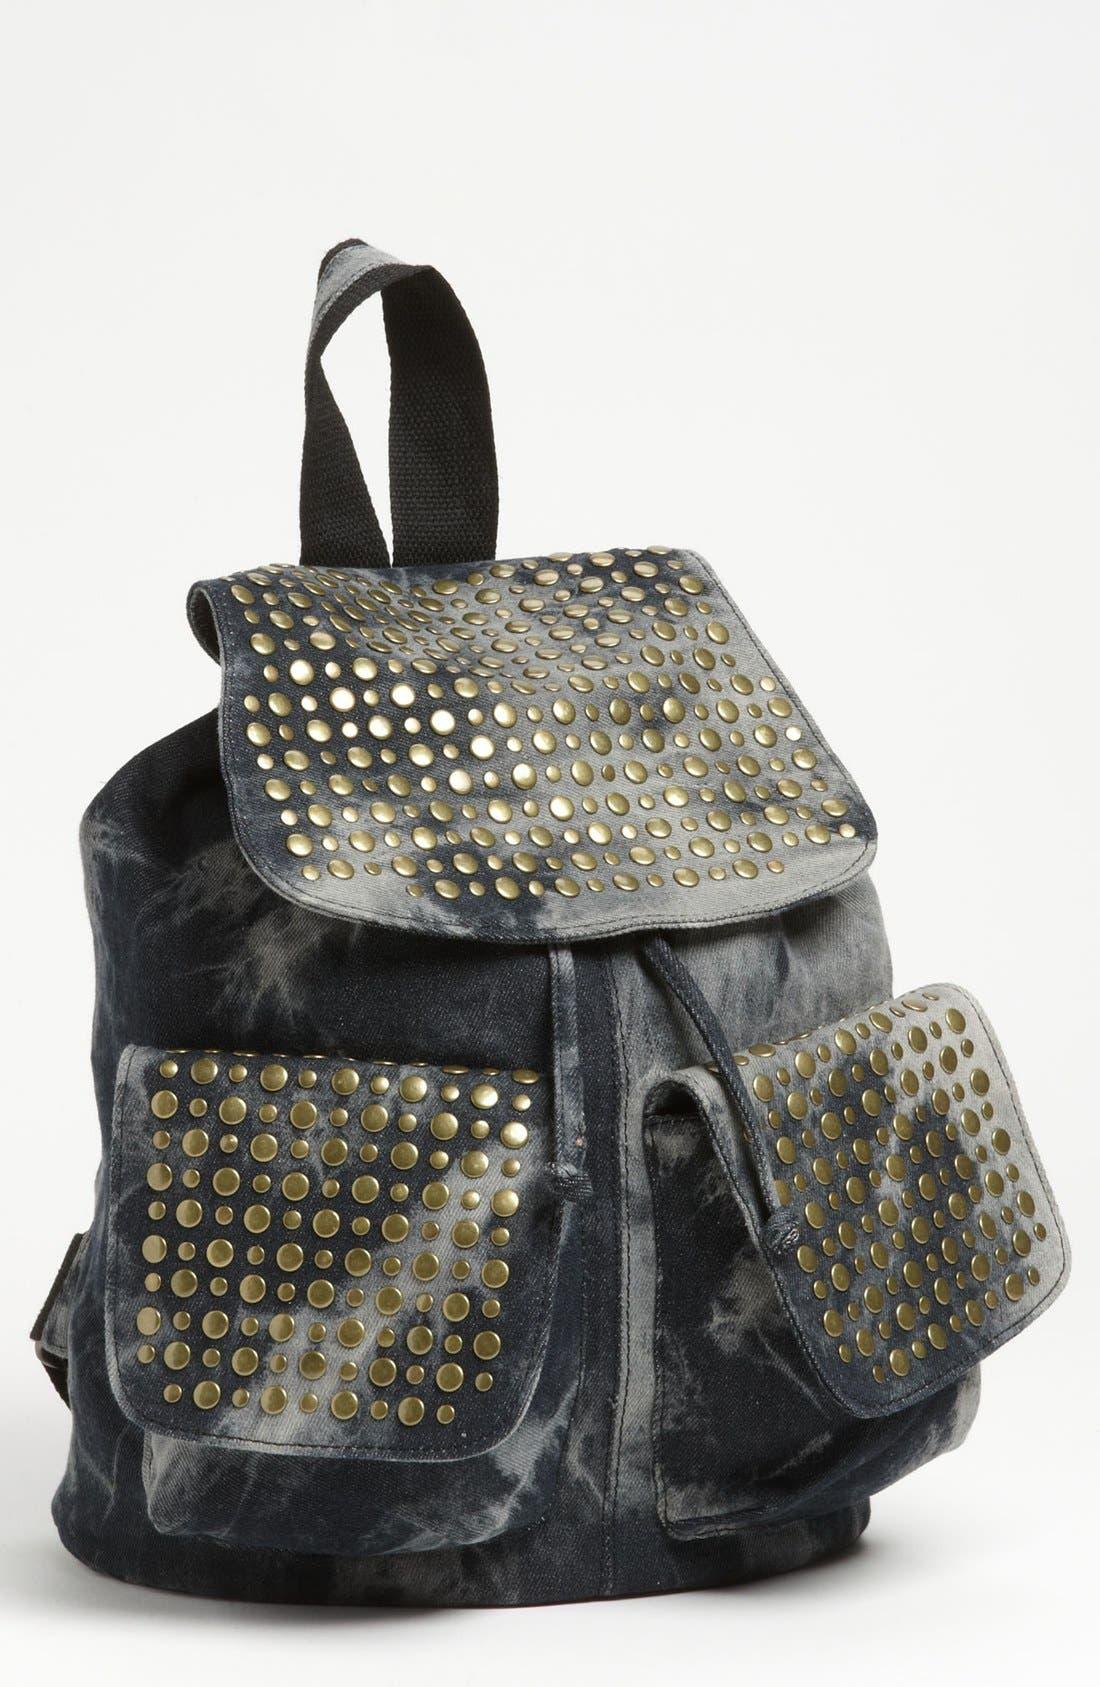 Alternate Image 1 Selected - De L'avion Studded Acid Wash Backpack